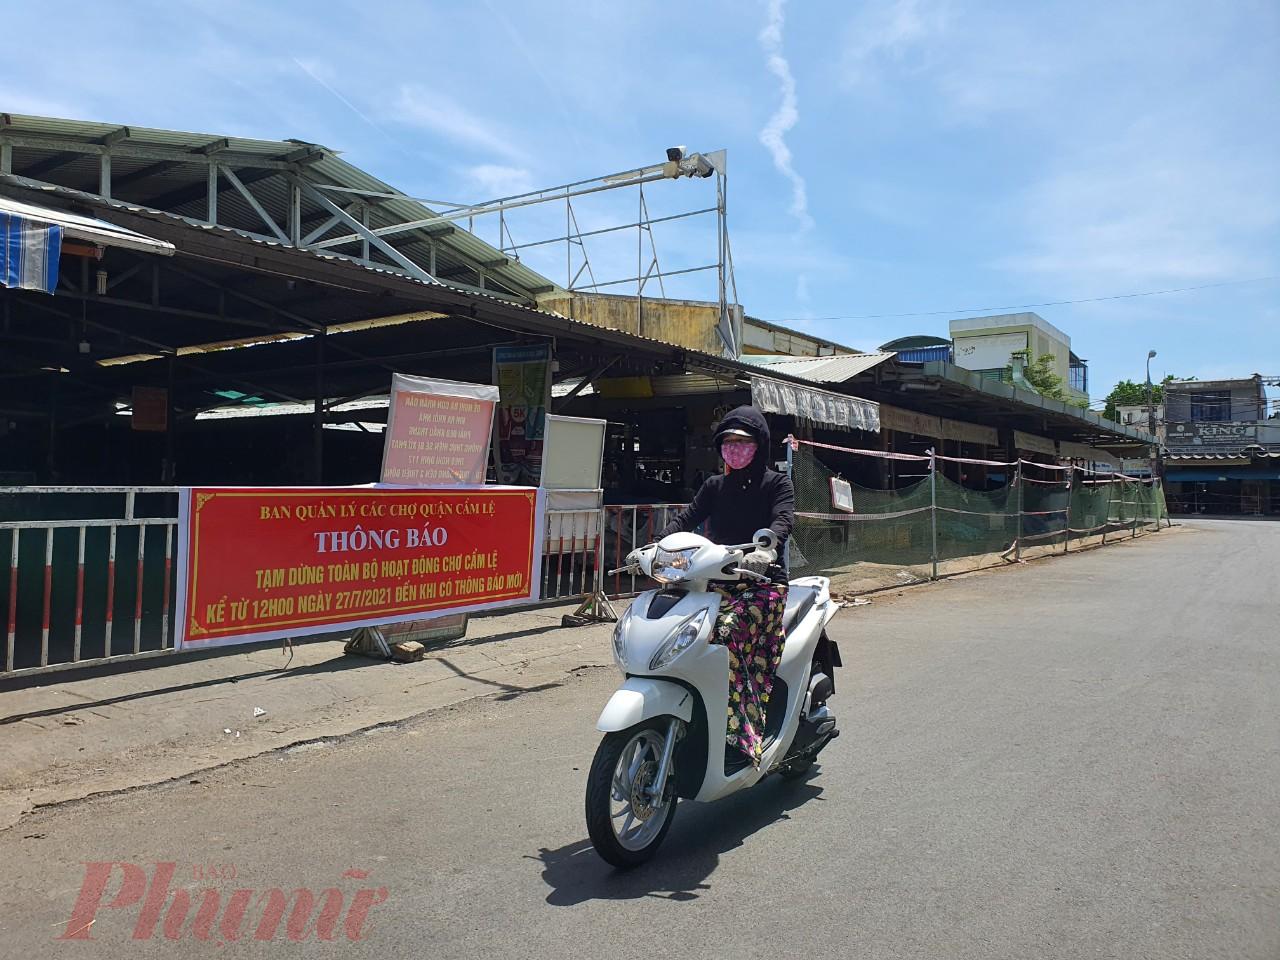 Chính quyền Đà Nẵng yêu cầu người dân ở nhà, chỉ ra ngoài trong các trường hợp được quy định cụ thể